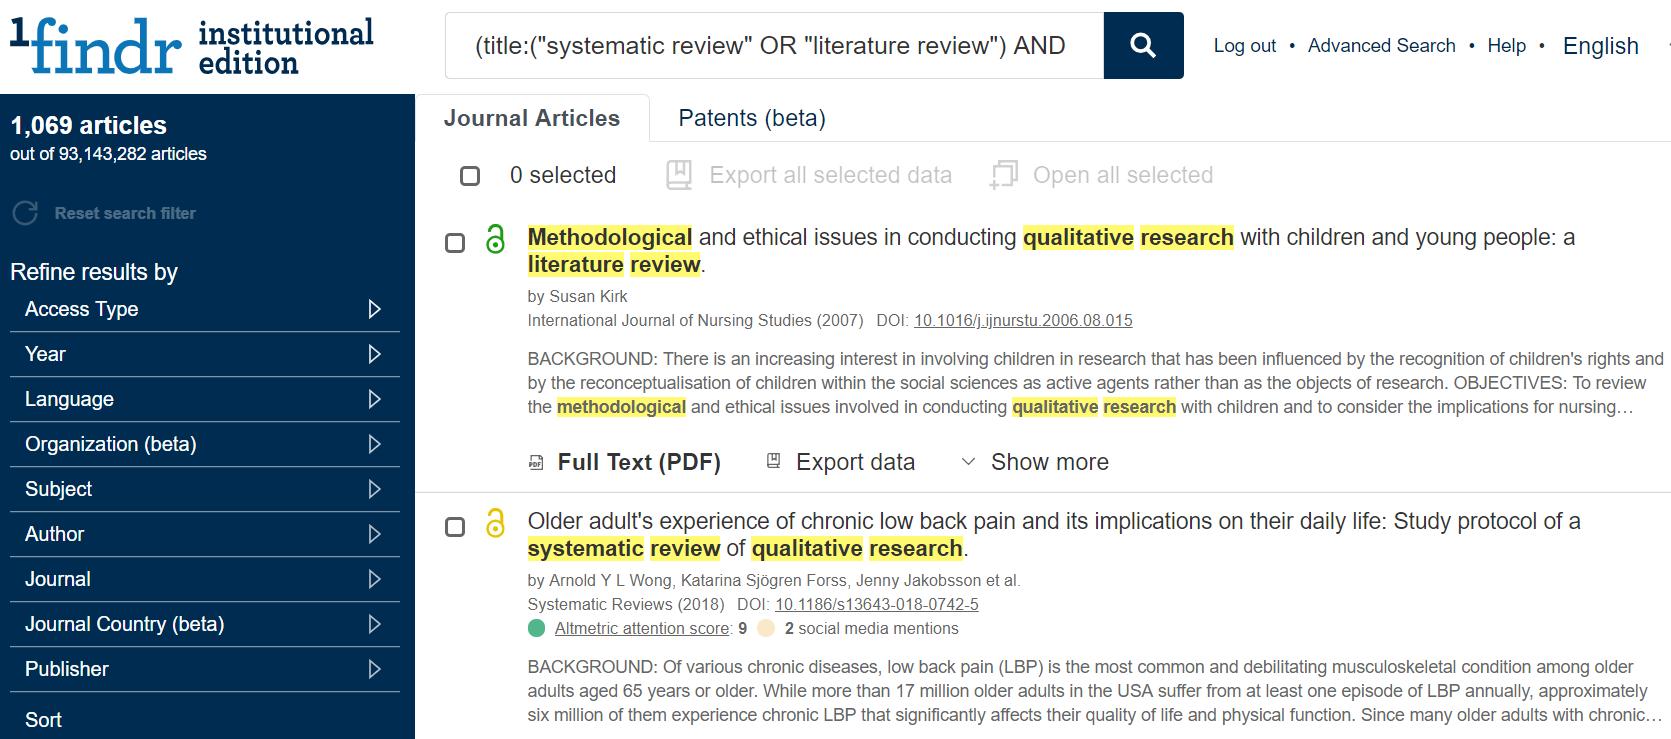 Página de resultados de la base de datos académica 1findr